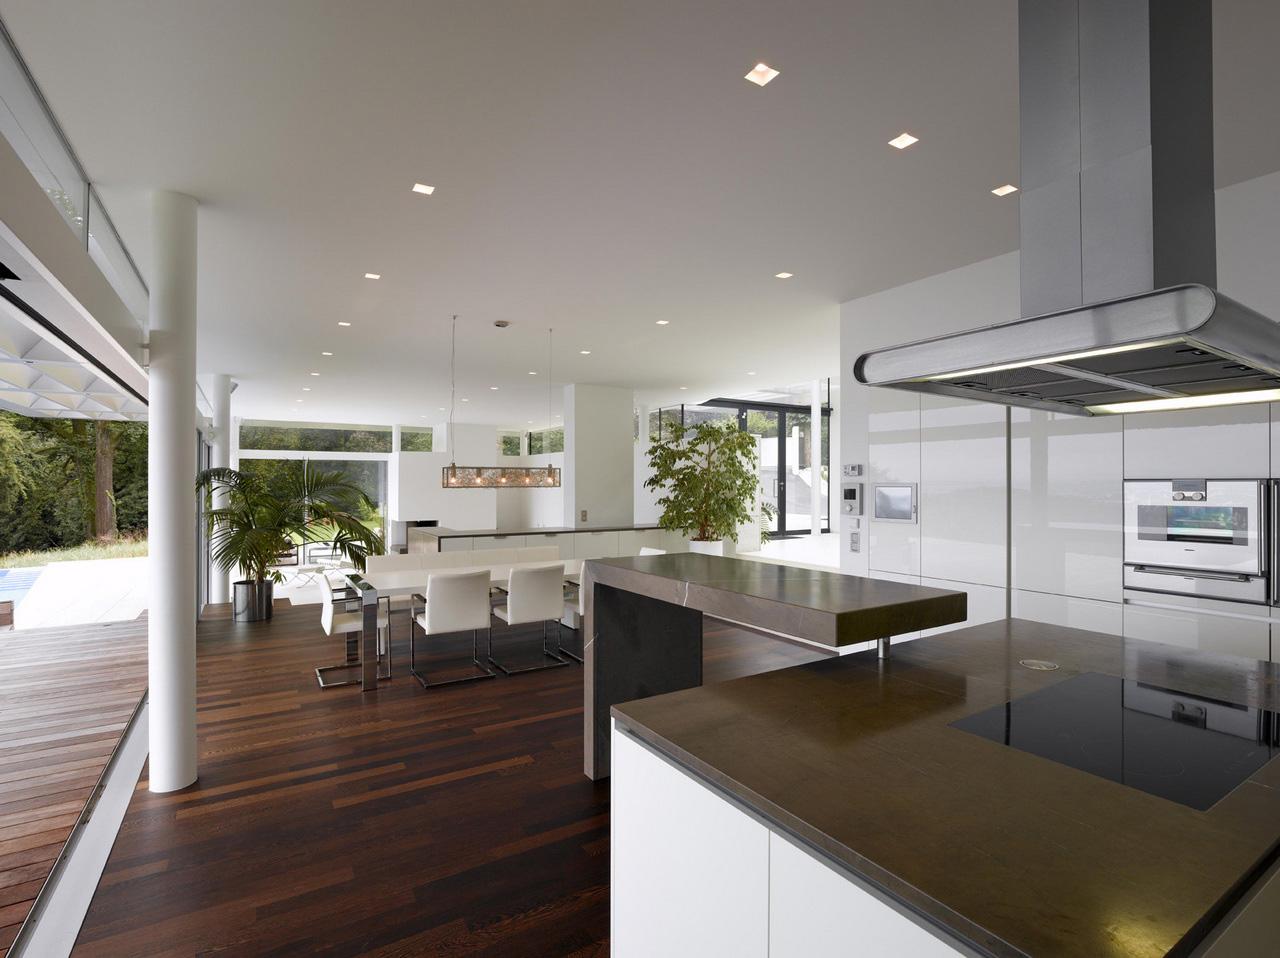 Moderne Minimalistischen Stil Ist Für Das Moderne Haus Design In Einer  Großen Stadt Absolut Perfekt. Hier Sind Einige Bilder Von Modernen Design  Wohnzimmer, ...